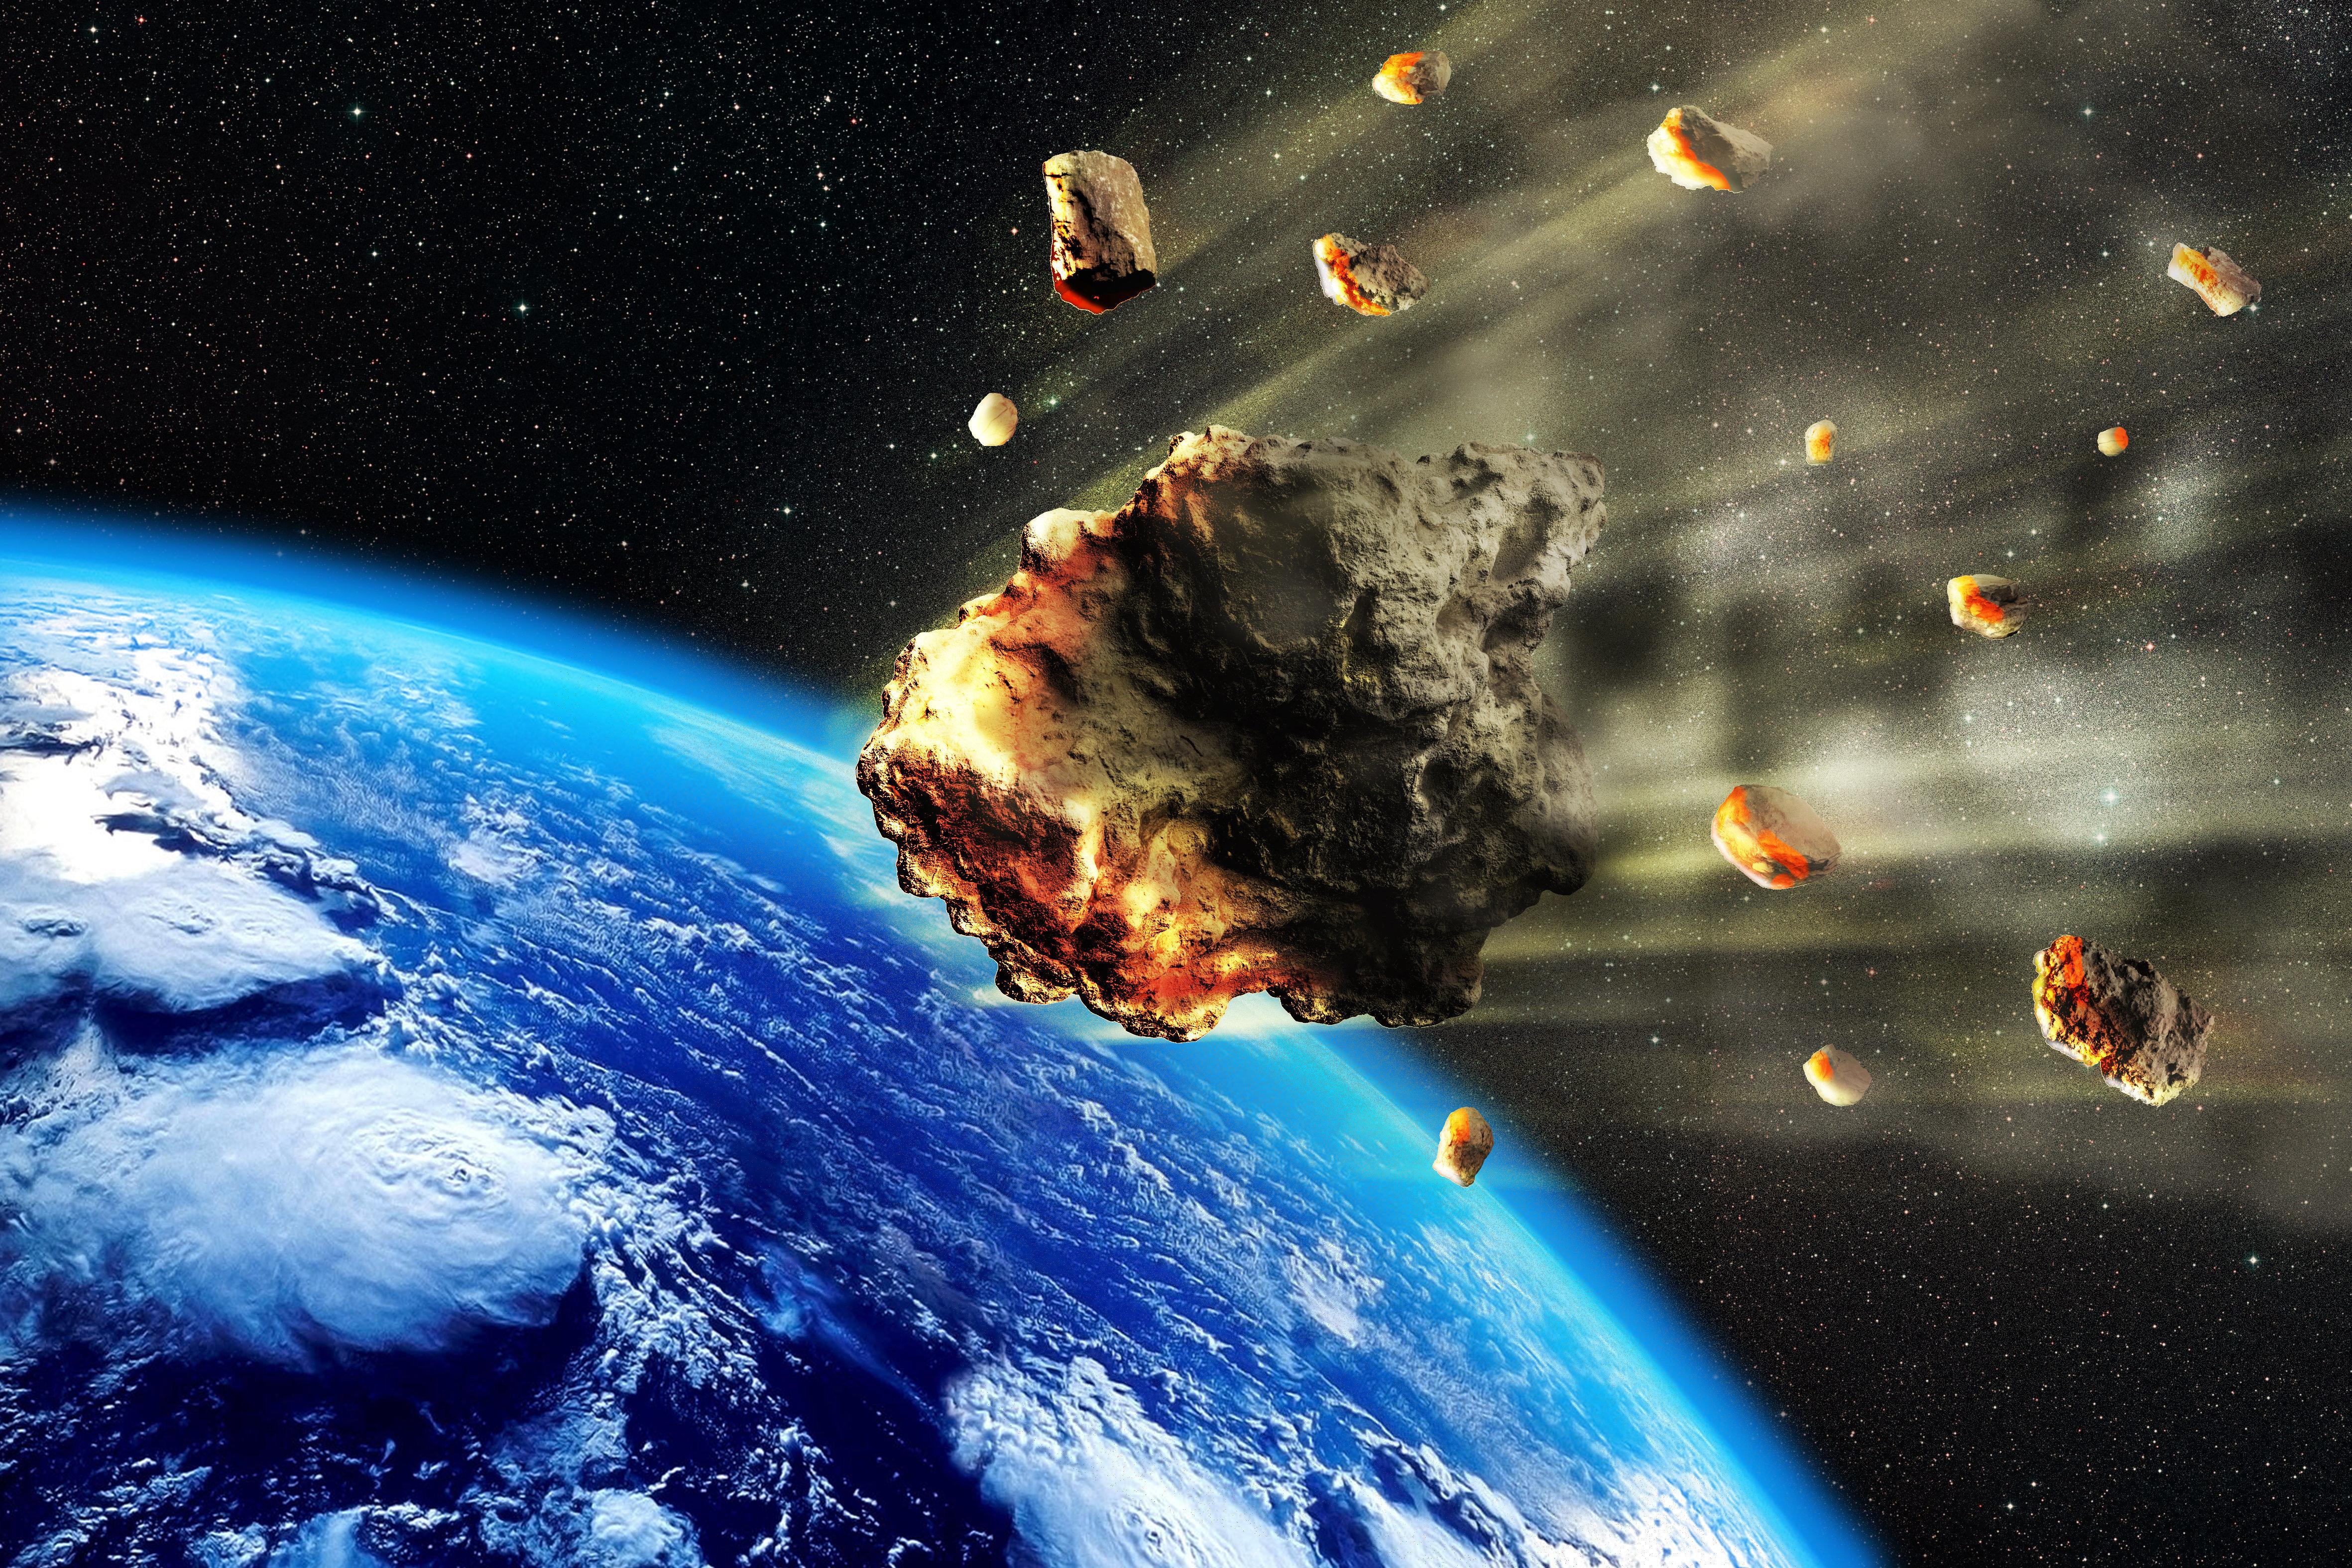 Μετεωρίτης από άλλο ηλιακό σύστημα χτύπησε τη Γη - Εκπληκτοι οι